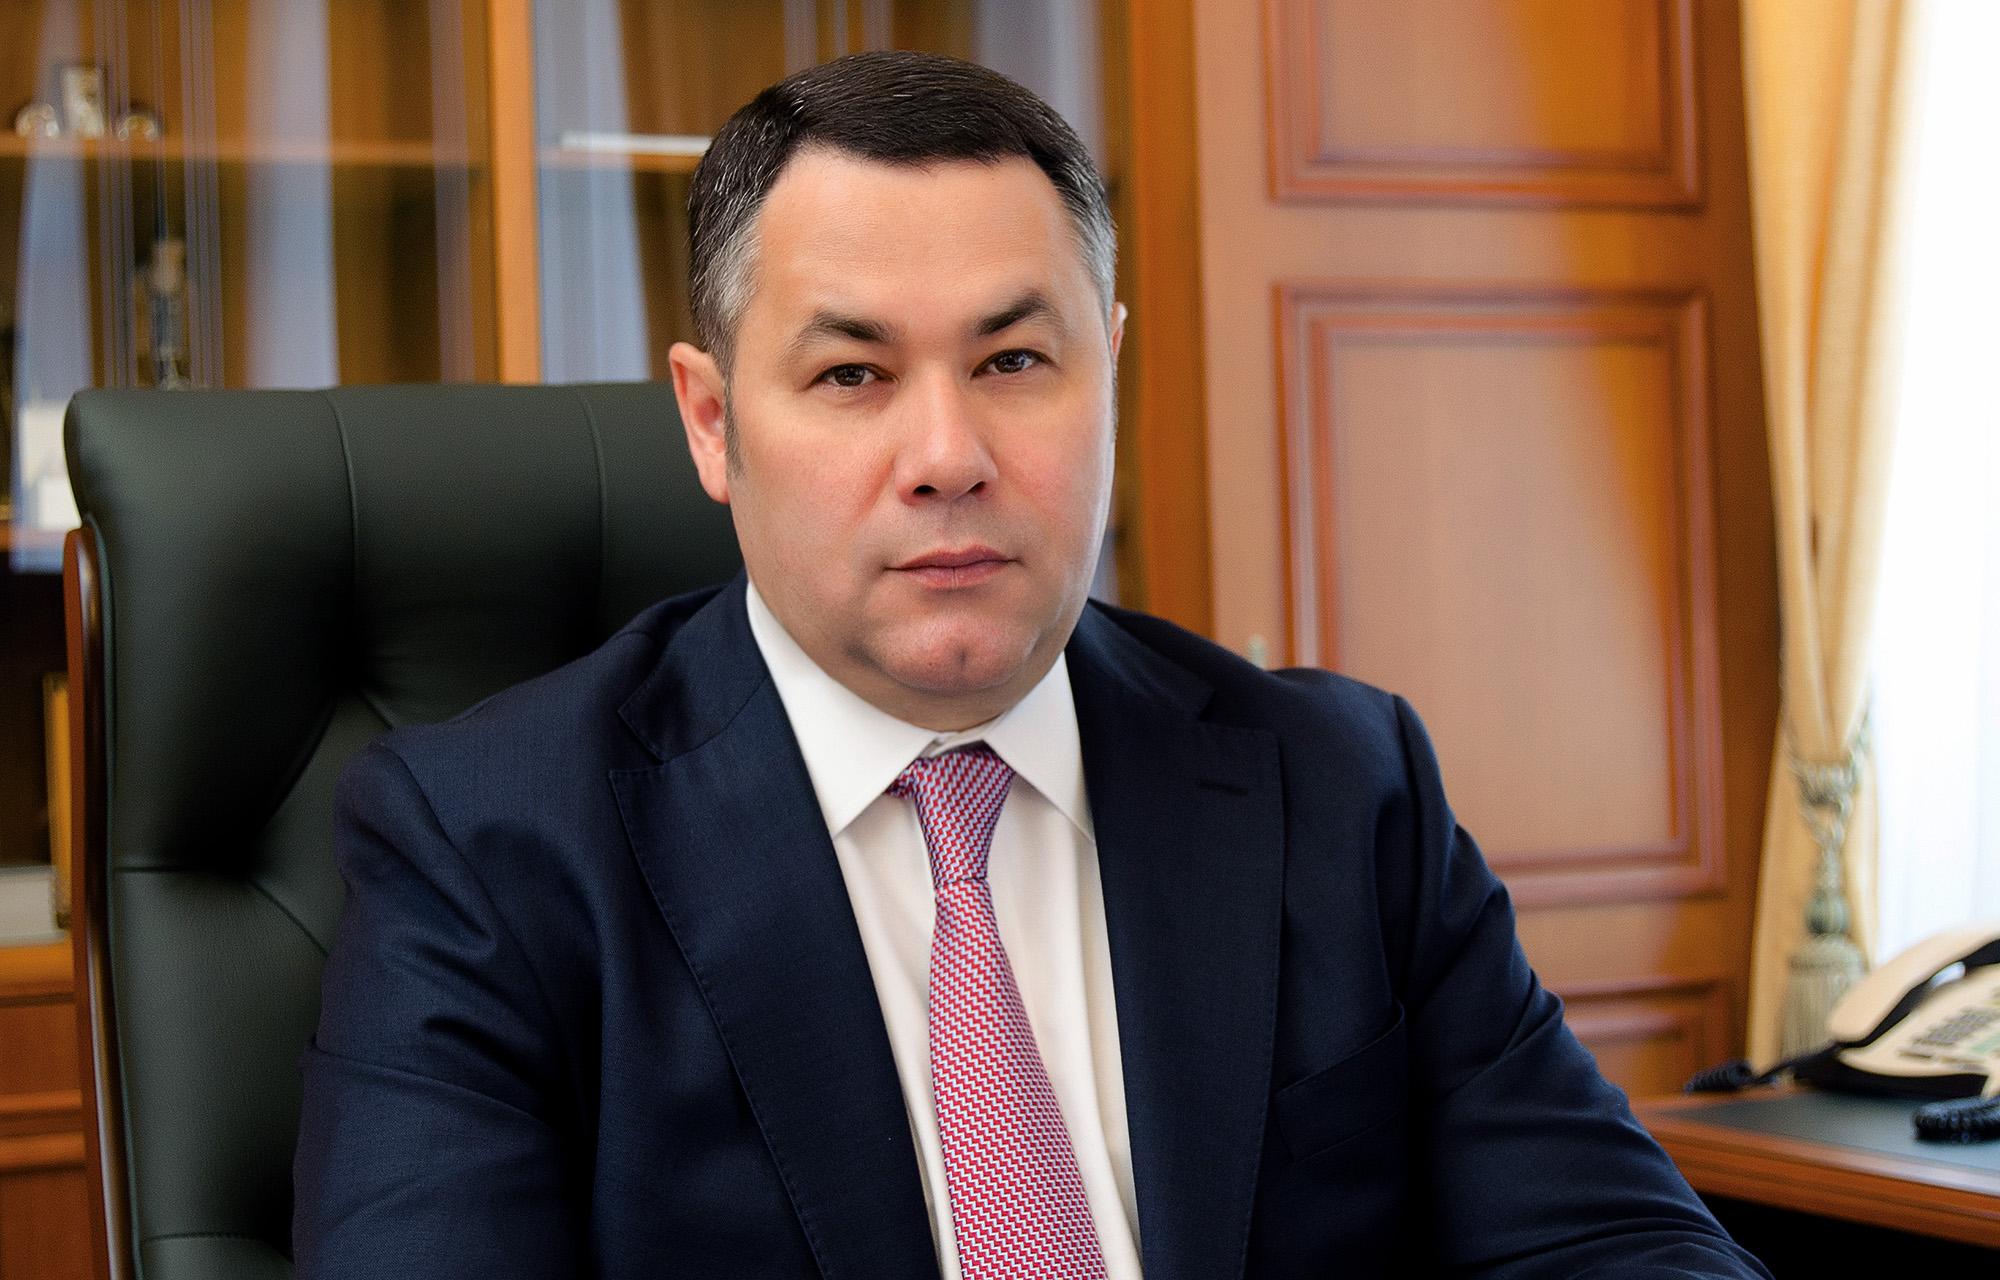 Игорь Руденя поздравил работников текстильной и легкой промышленности Тверской области